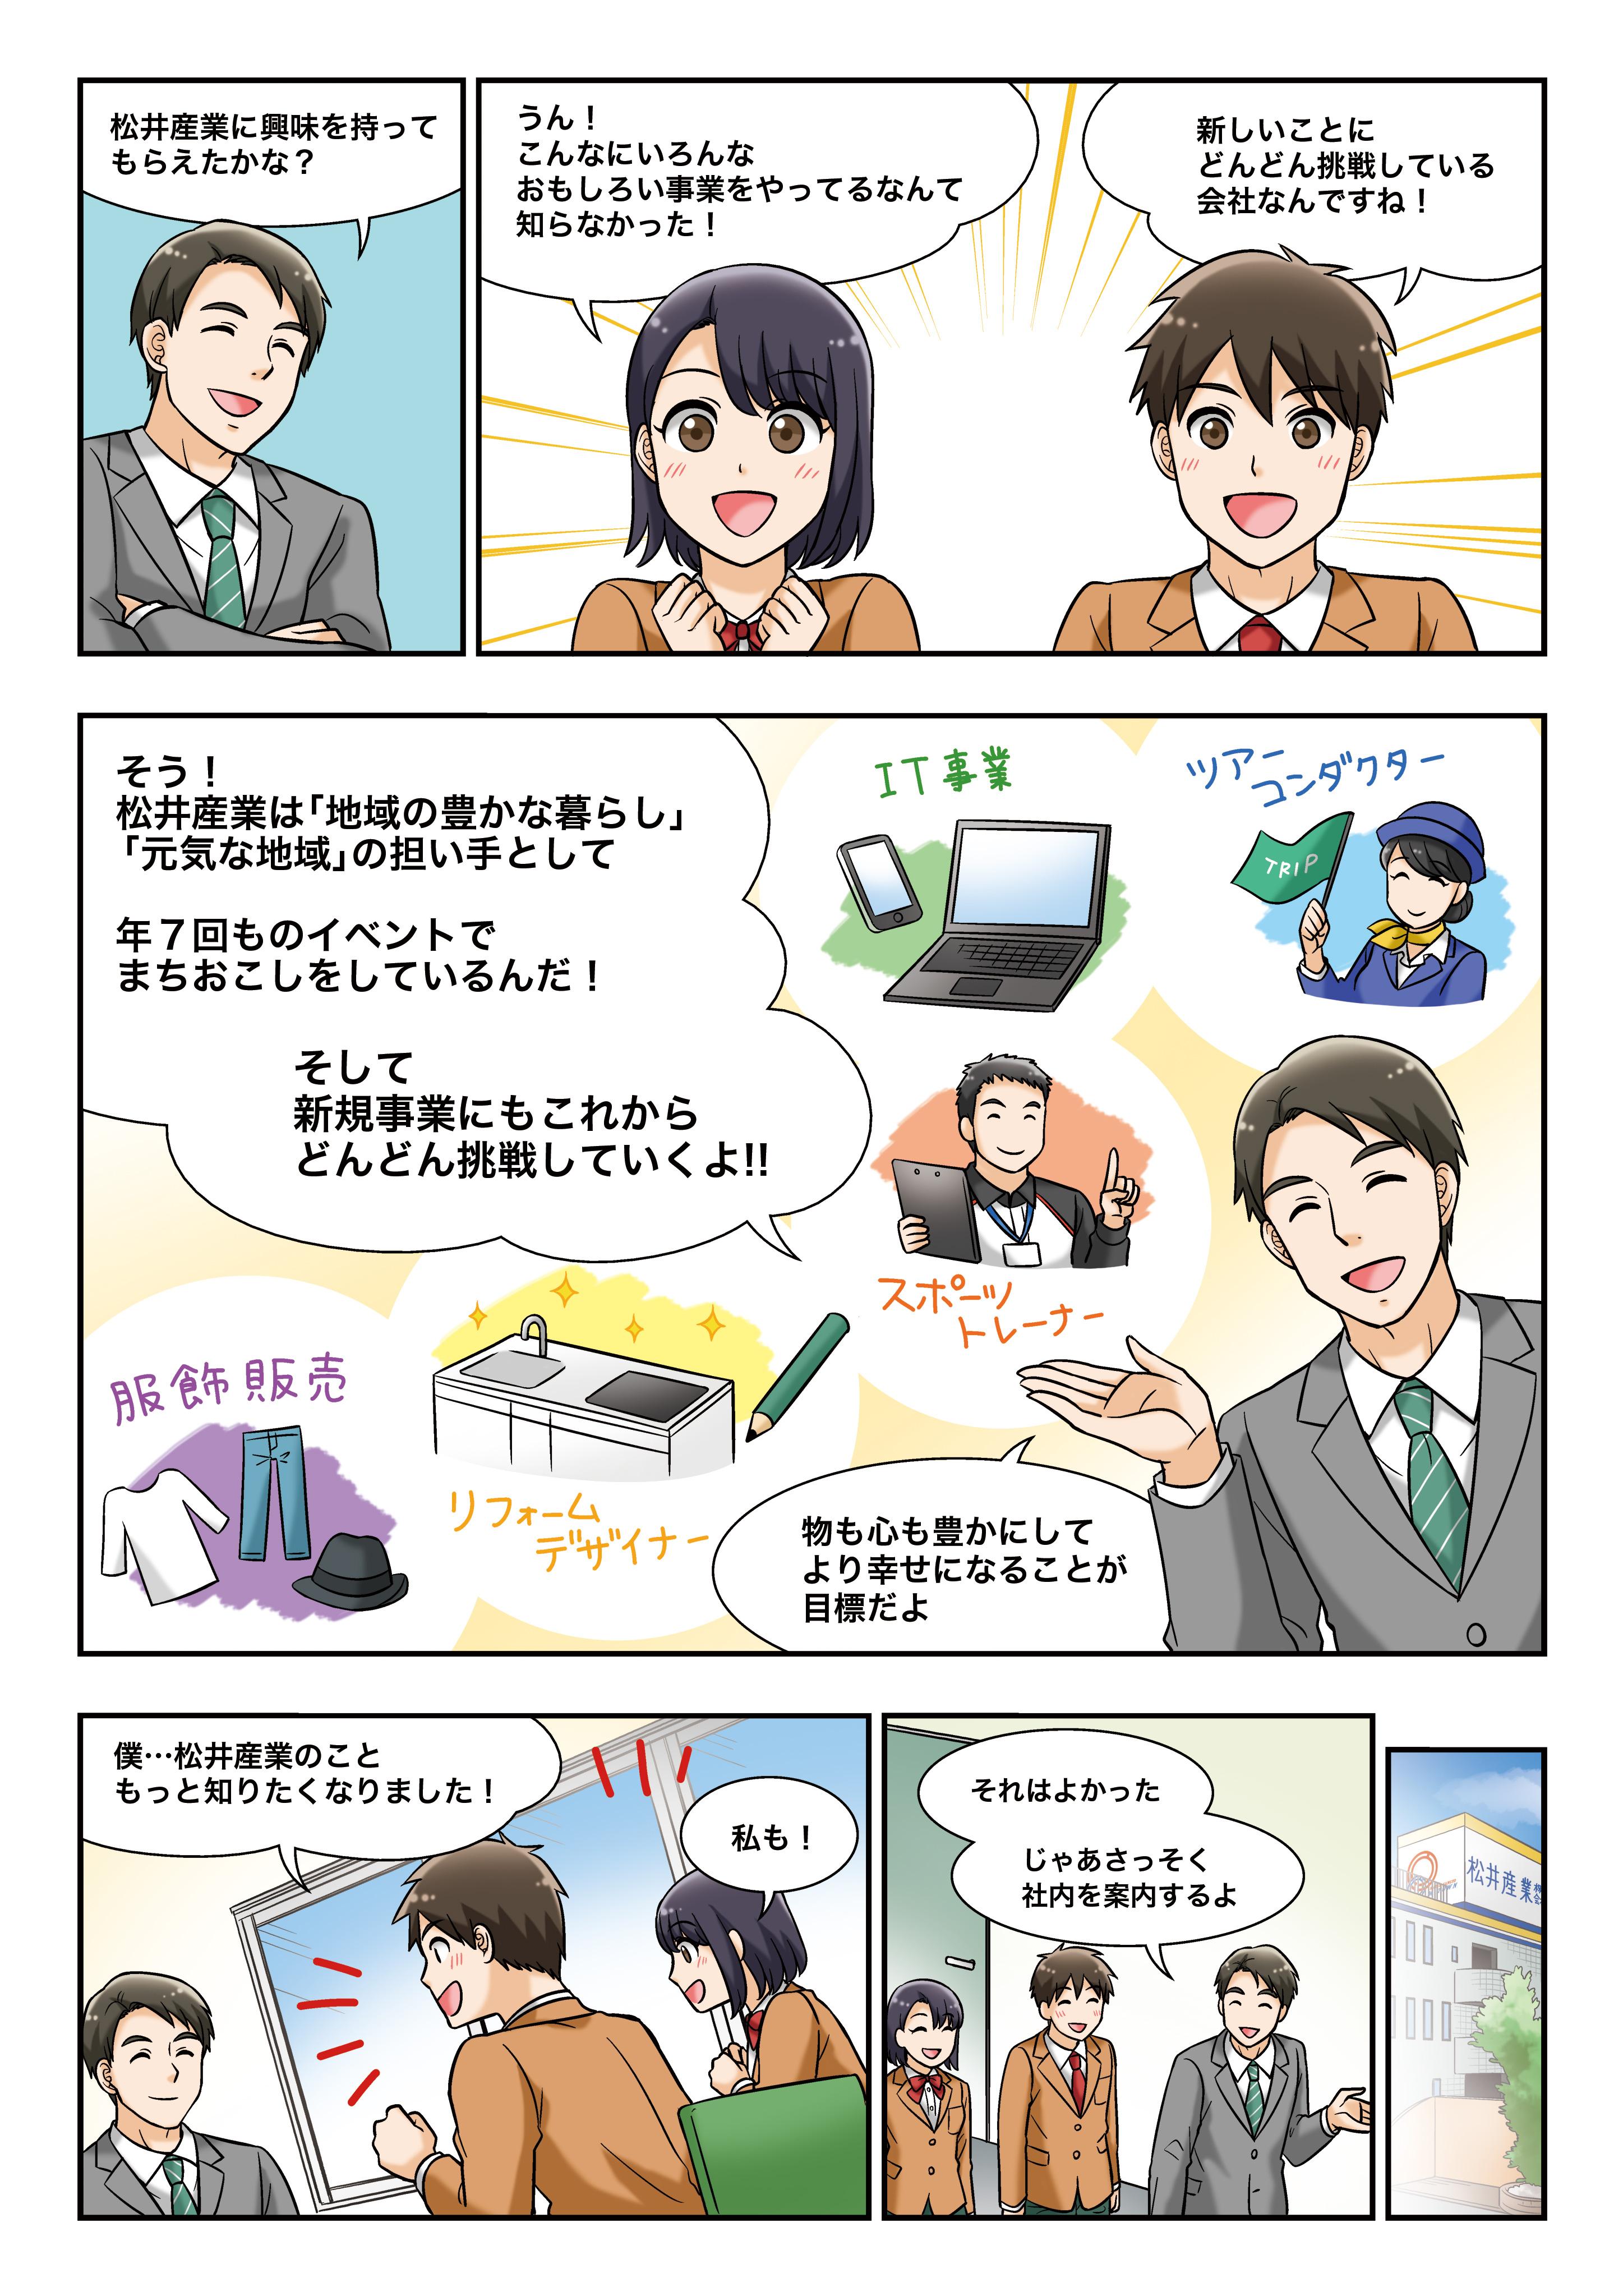 会社案内パンフレット掲載漫画[画像5]